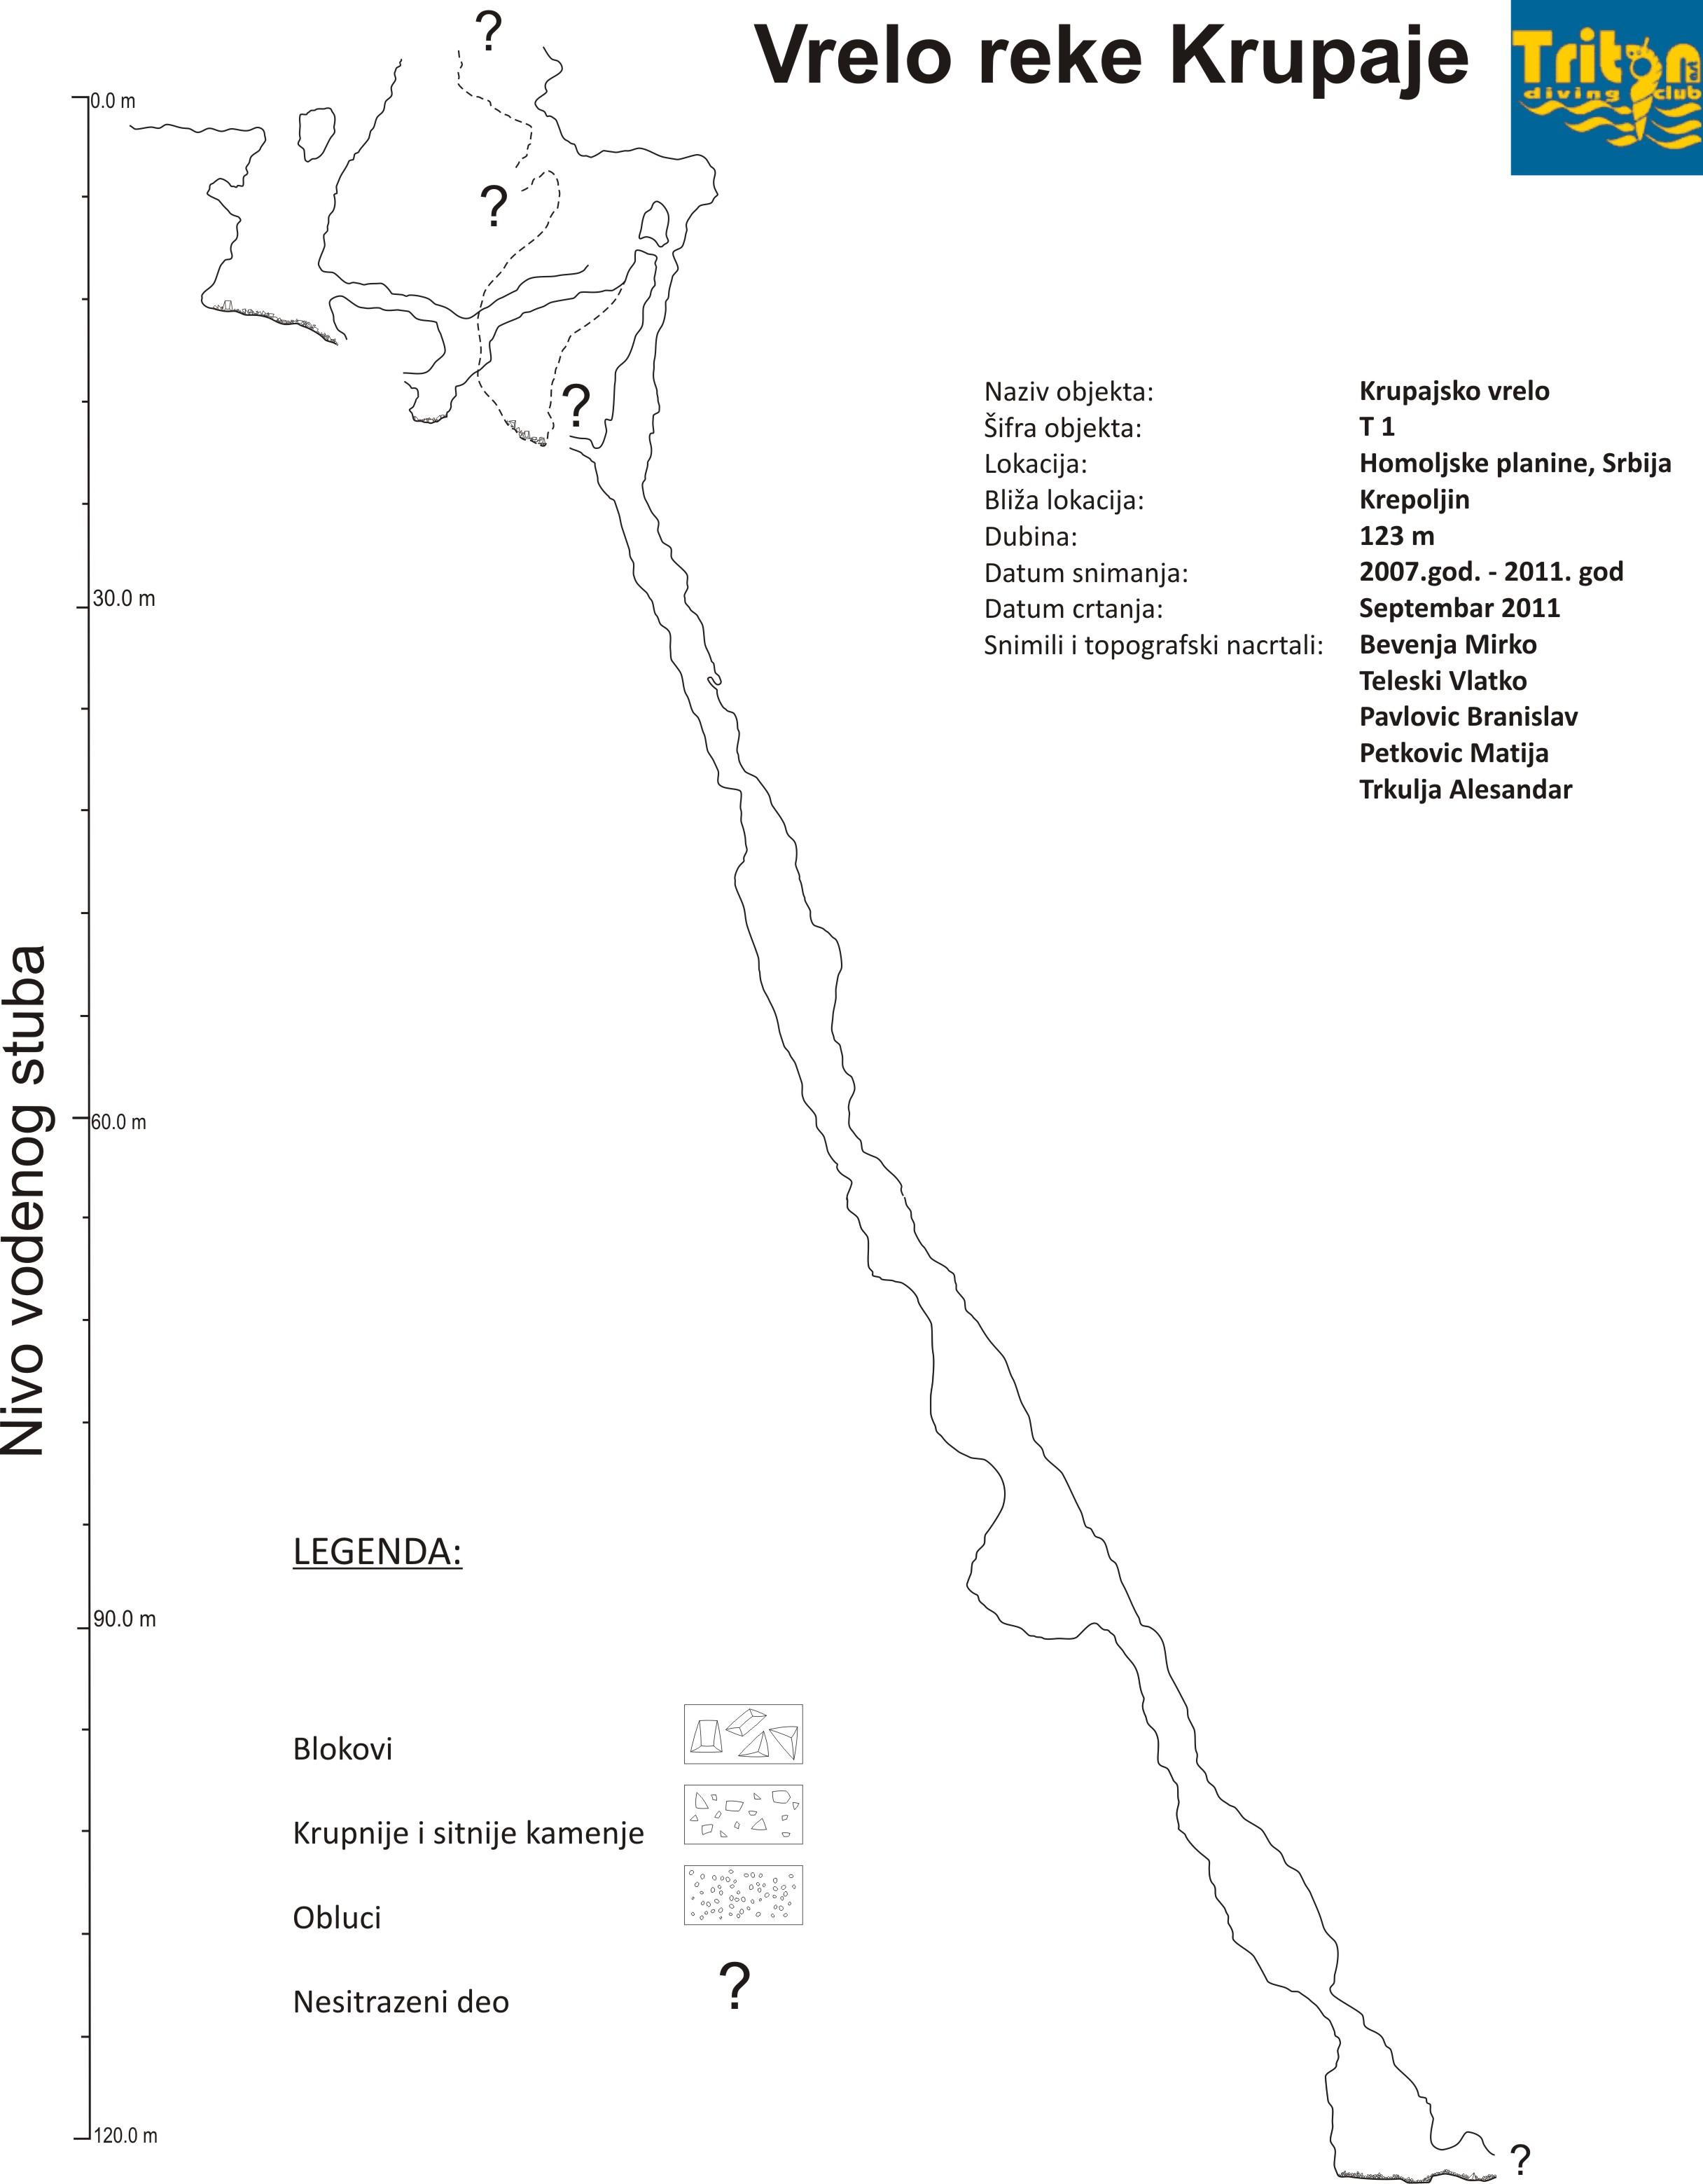 krupajsko vrelo mapa TRITON AST krupajsko vrelo mapa